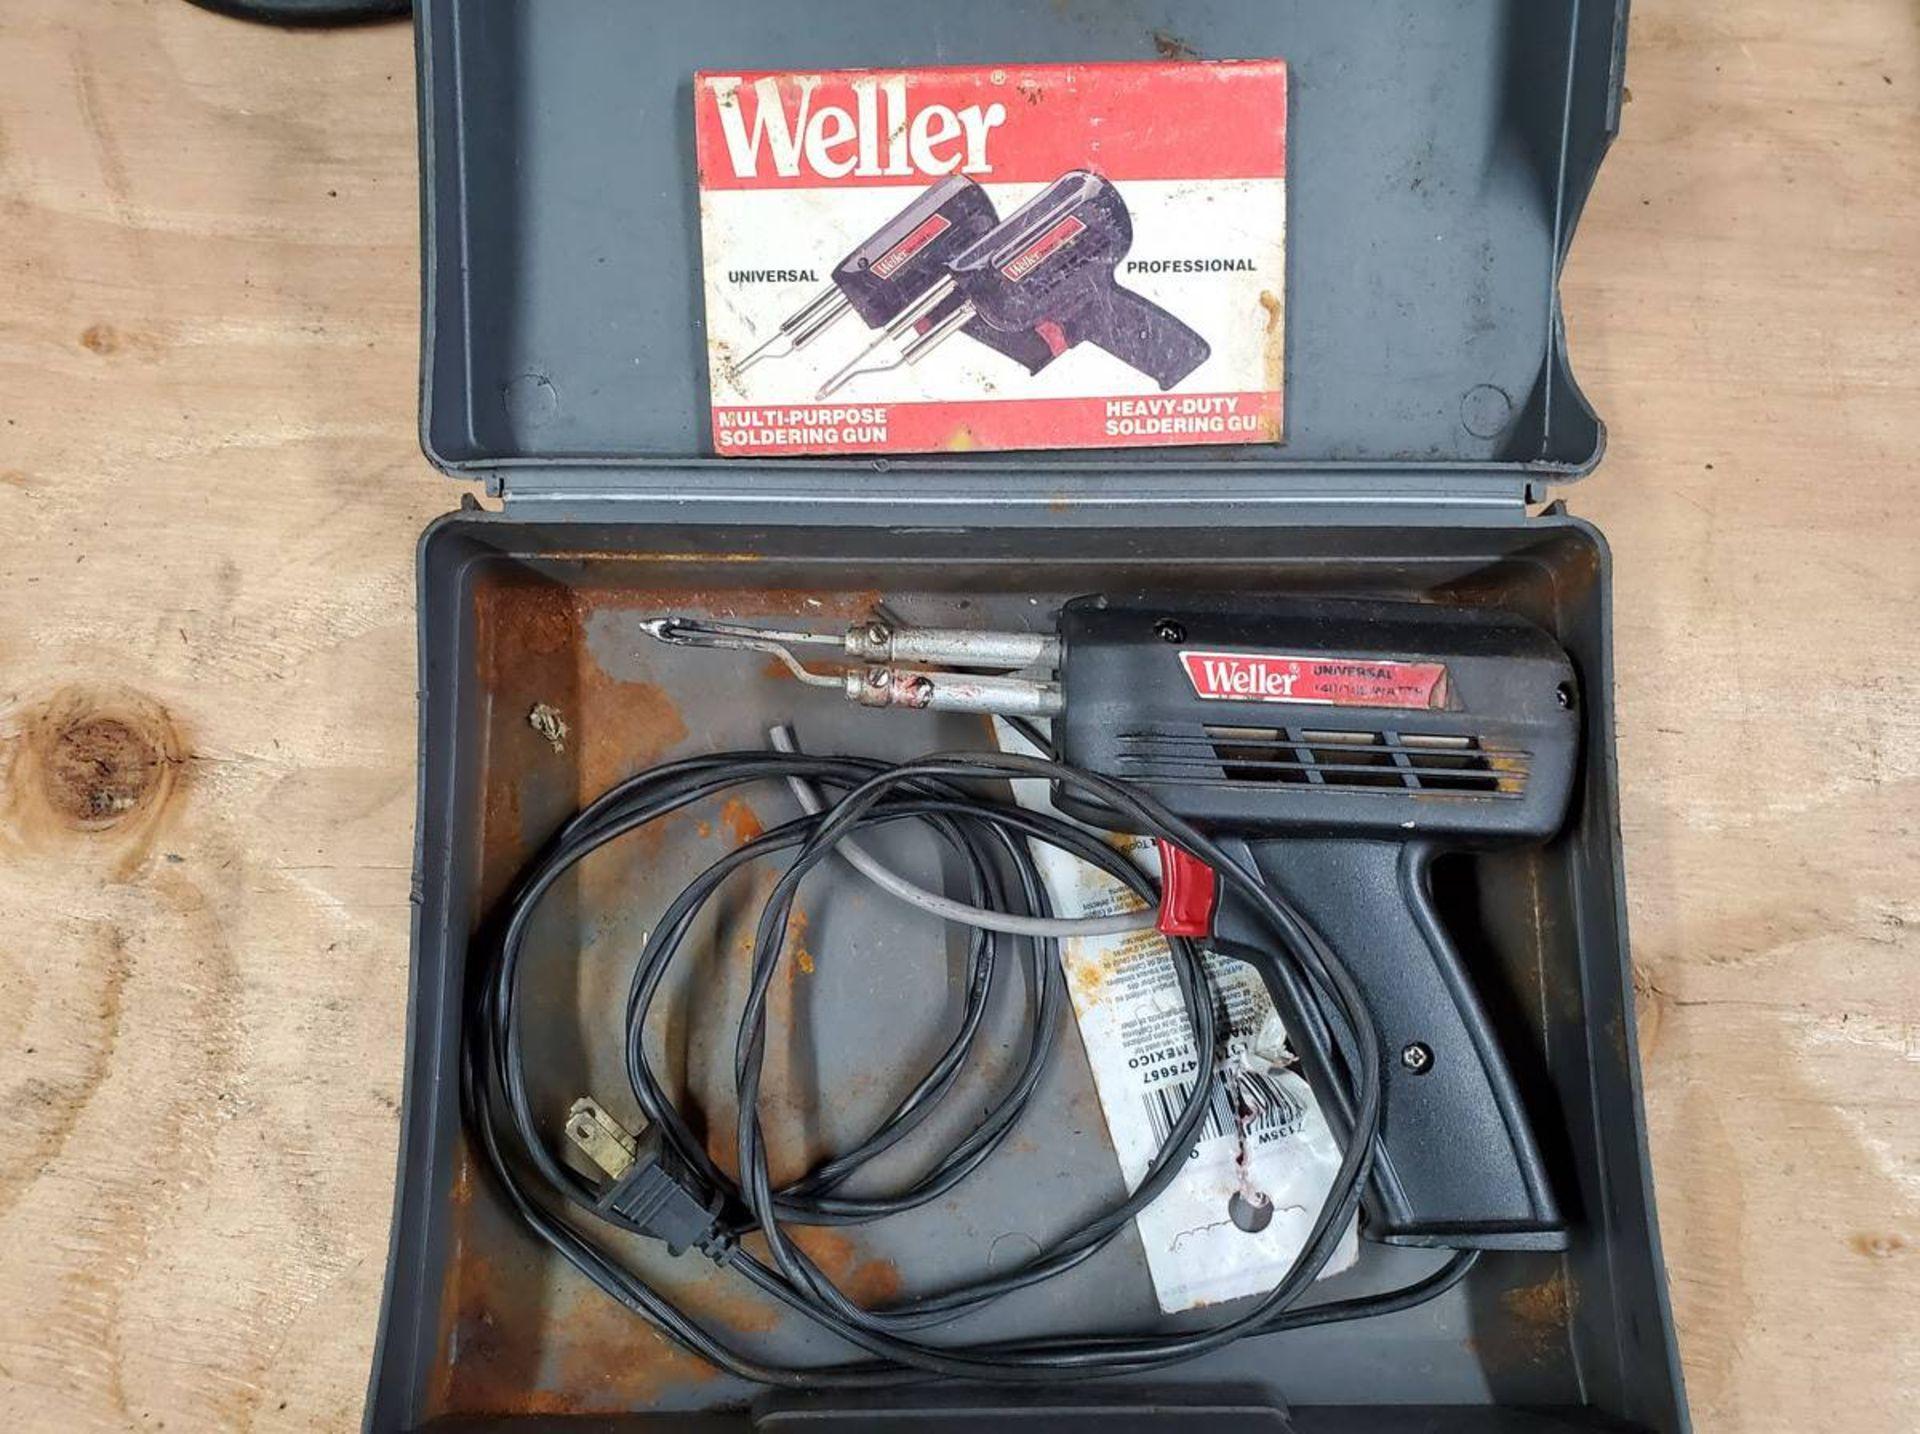 Weller Soldering Gun Kits - Image 3 of 3